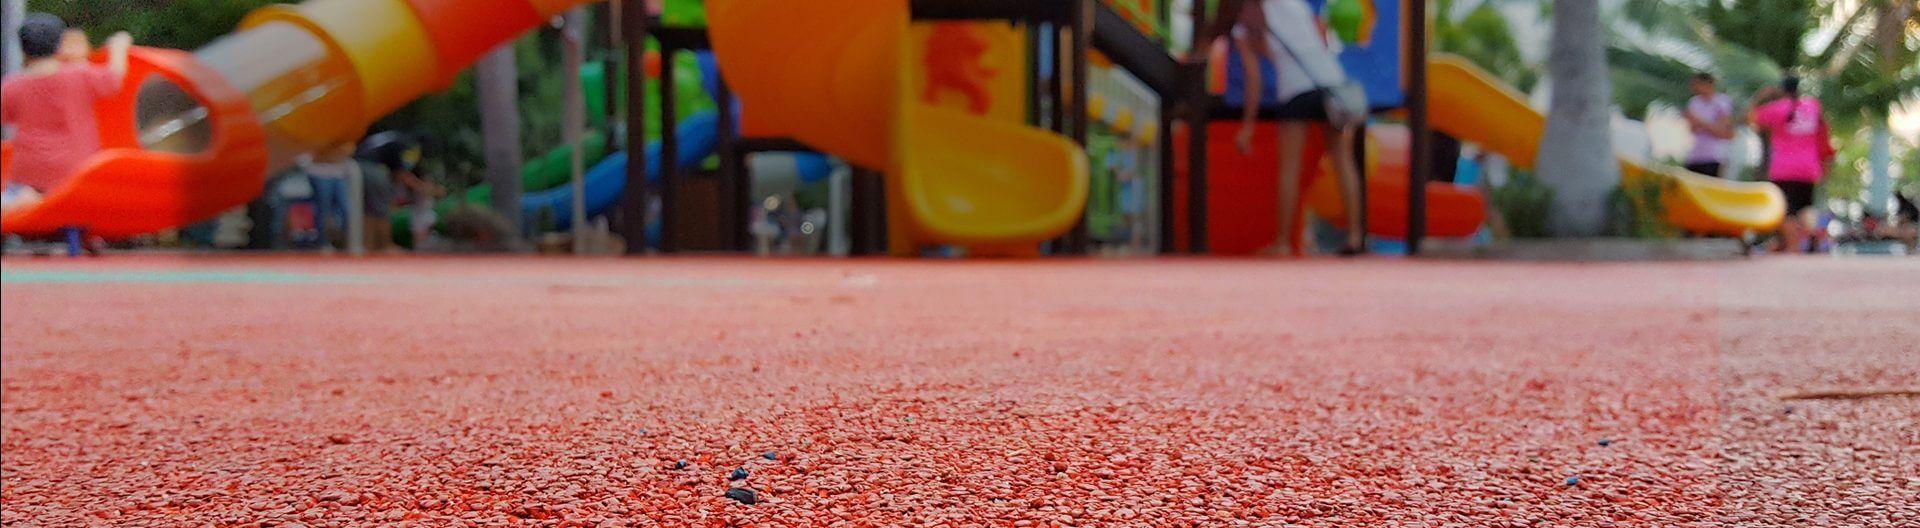 Playground | Recoma